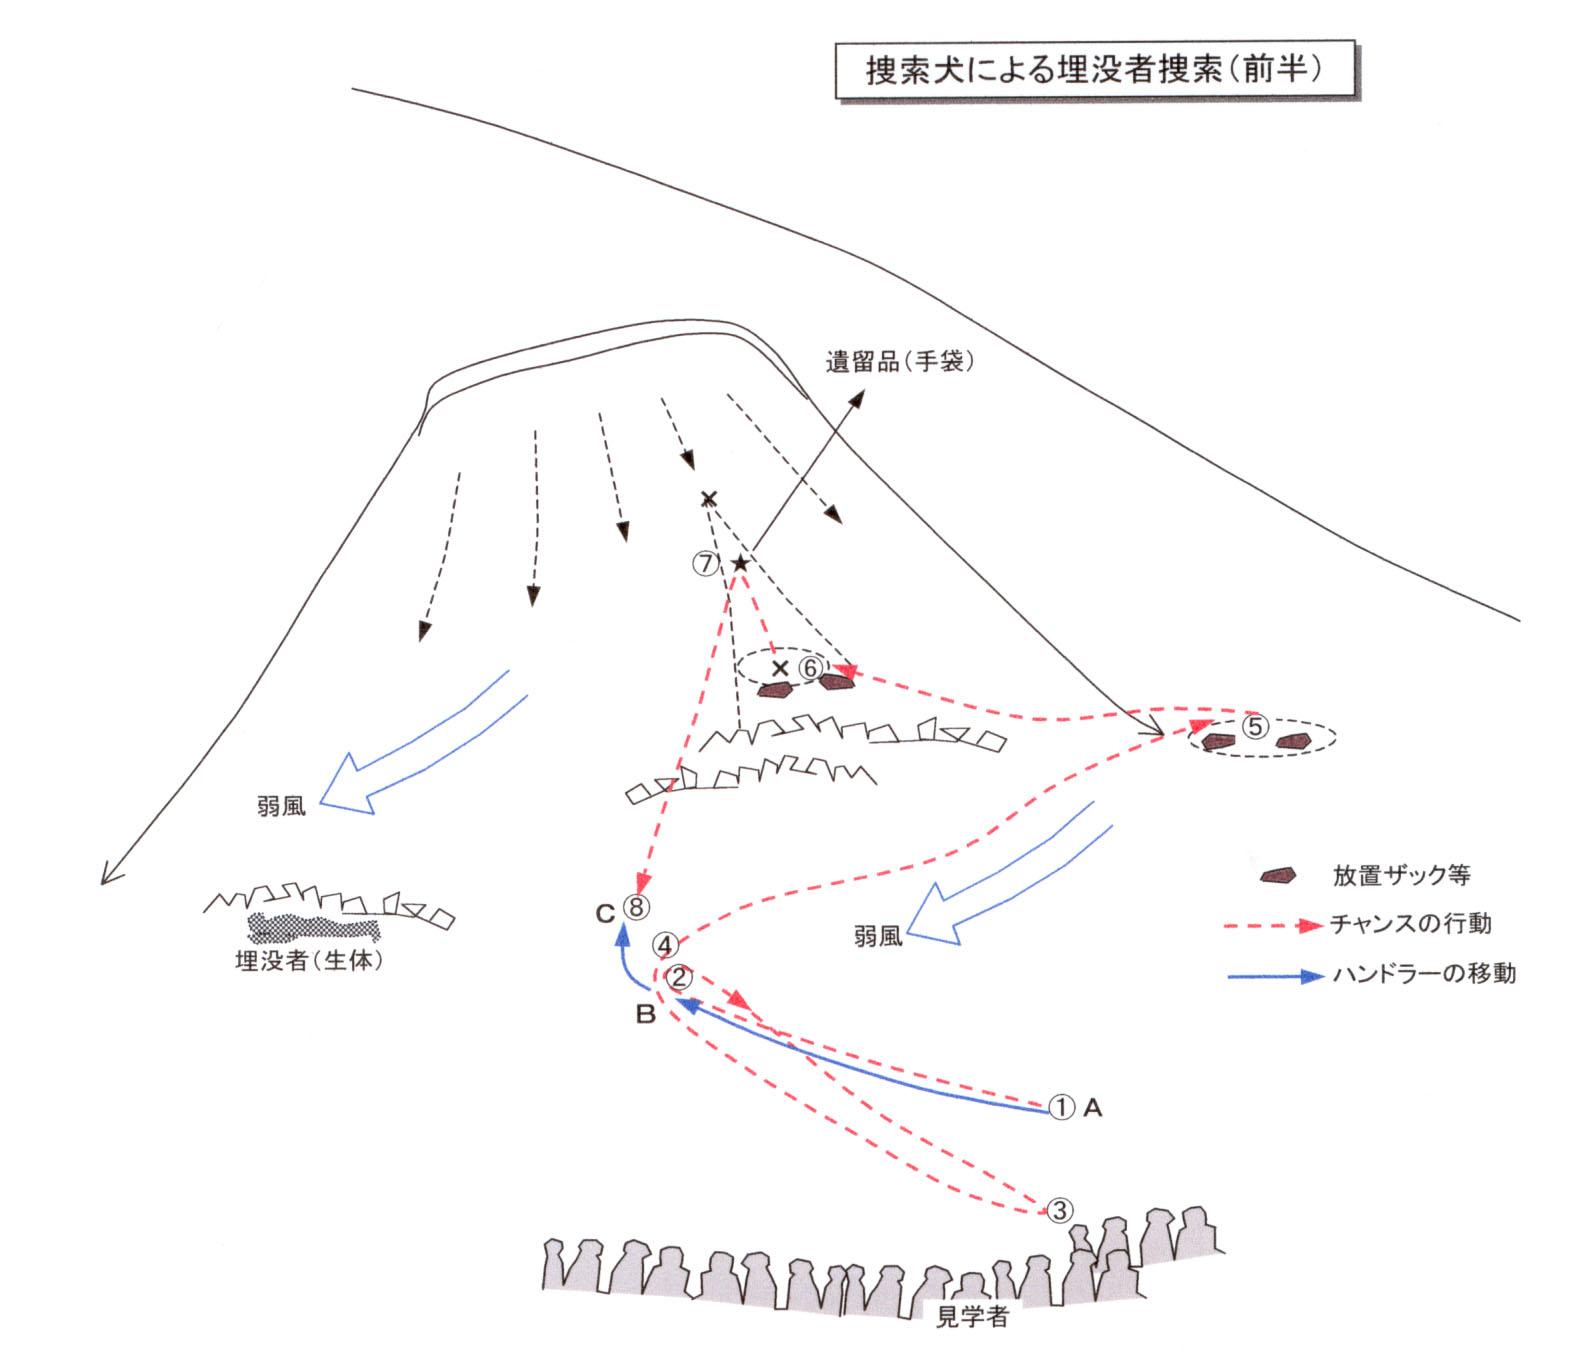 捜索犬デモ現場図(2)